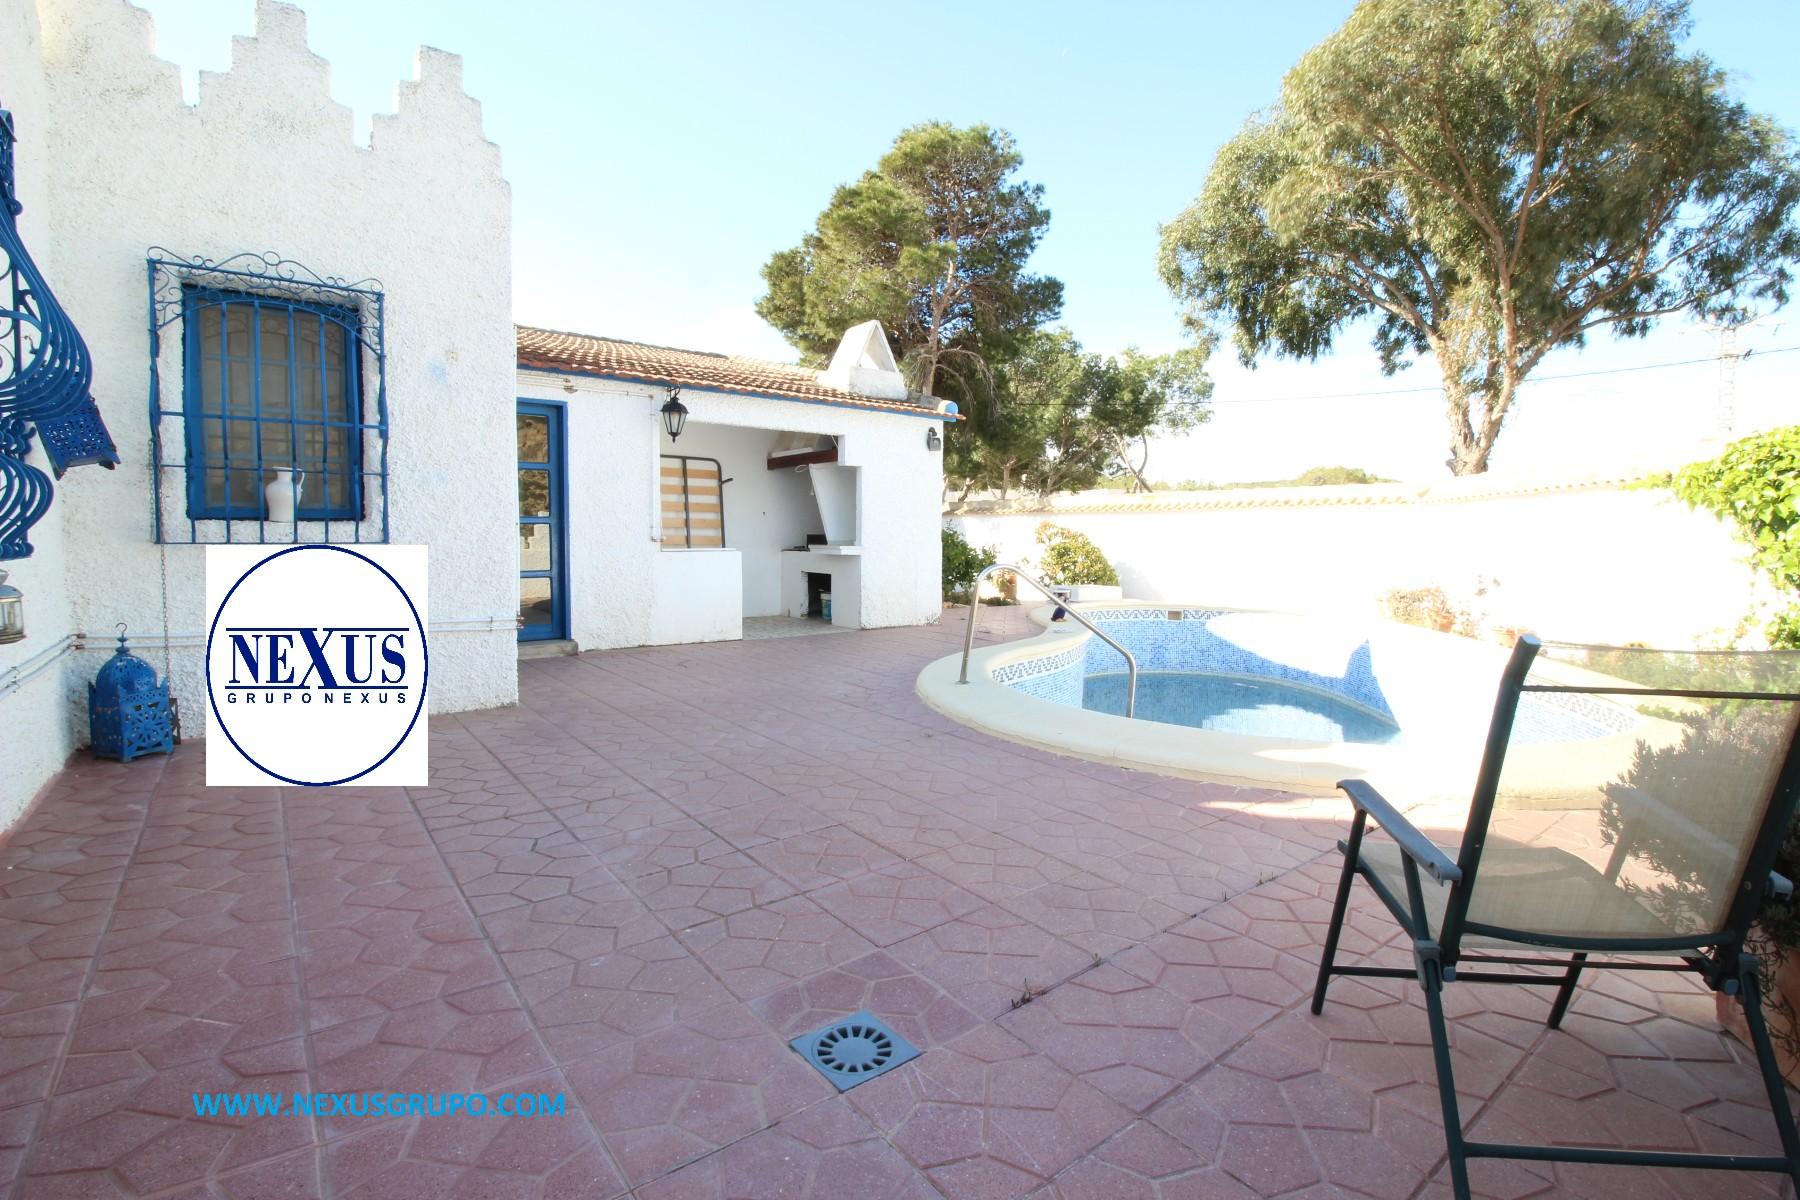 INMOBILIAIRIA GRUPO NEXUS SELLS COUNTRY HOUSE